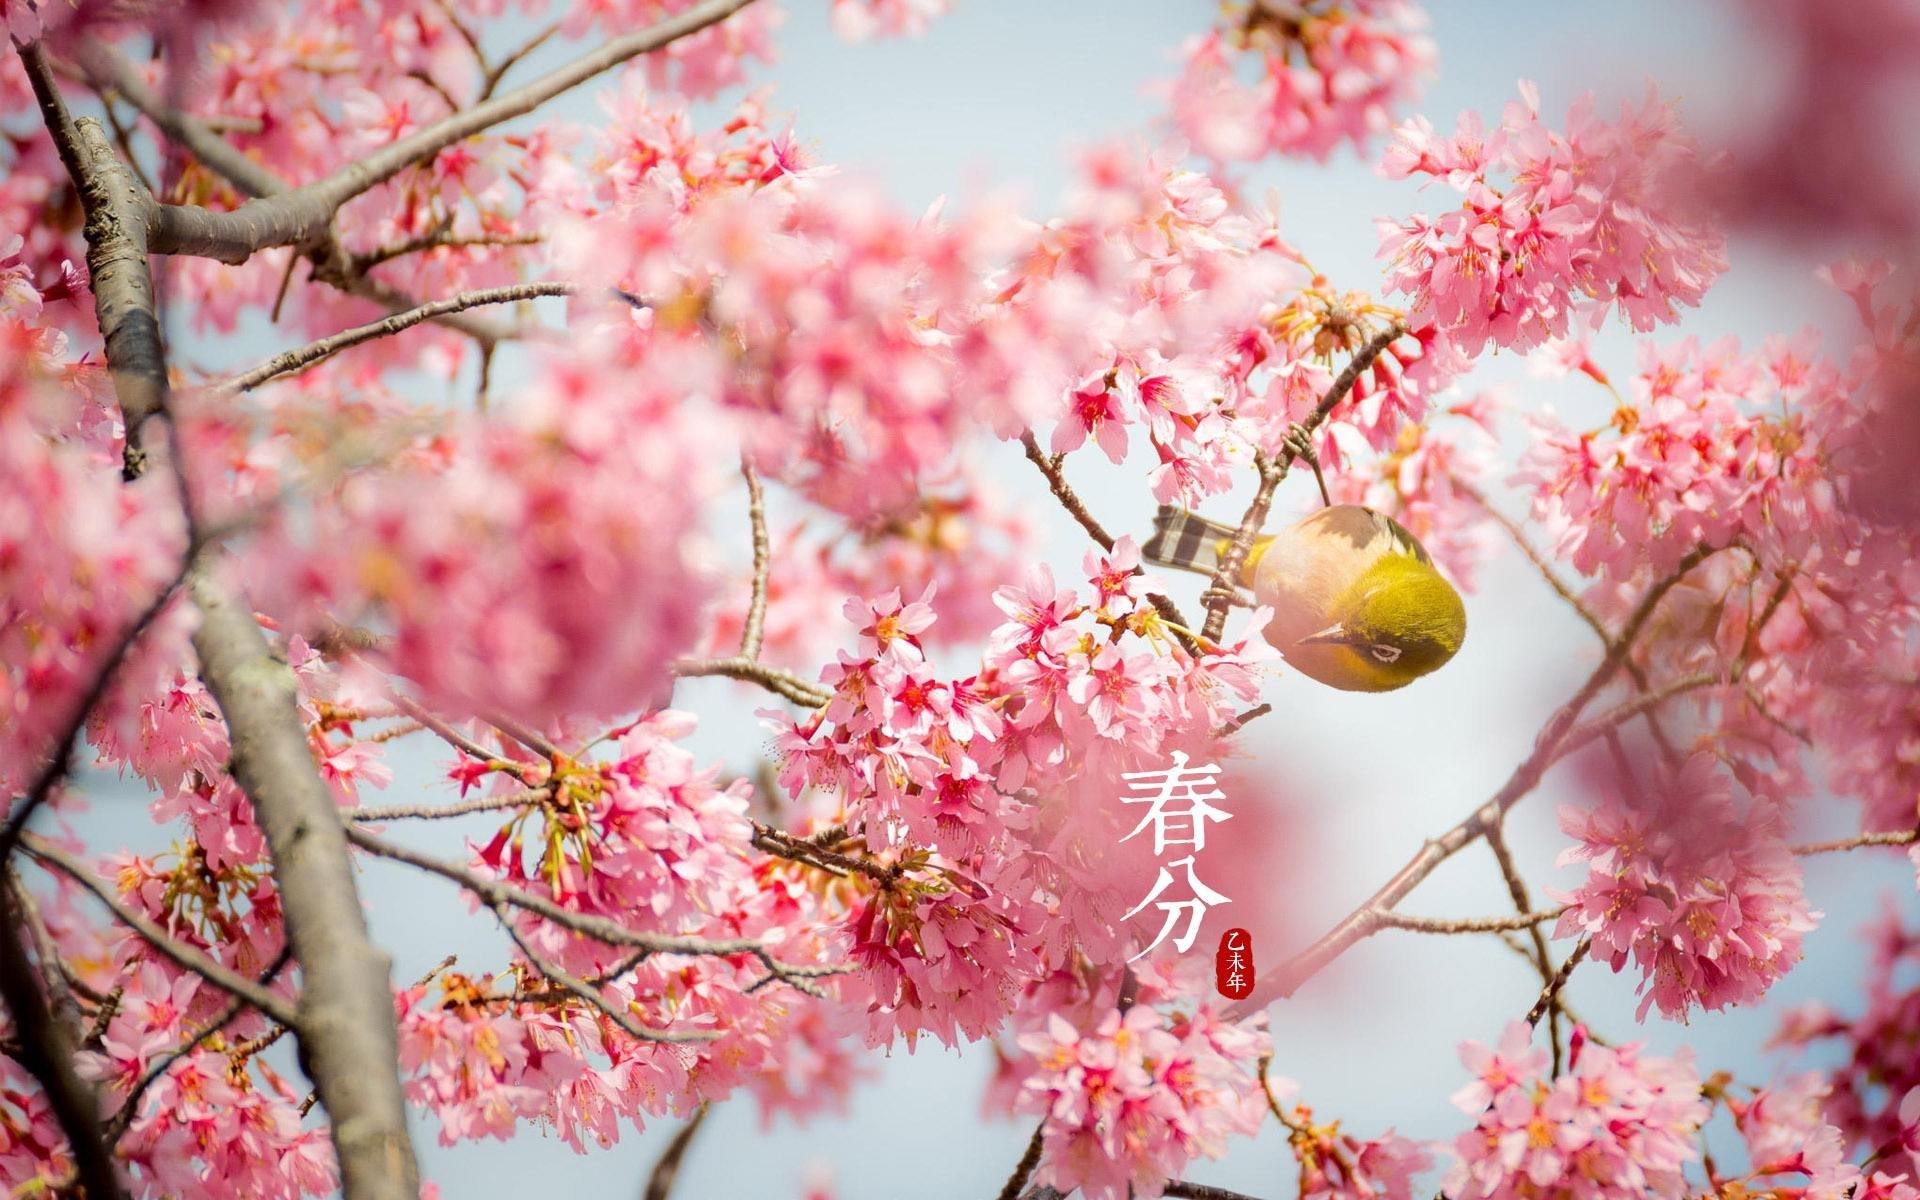 2018春分赏花指南!带上全家老小一起去踏春赏花(内含春分时节赏花注意事项)